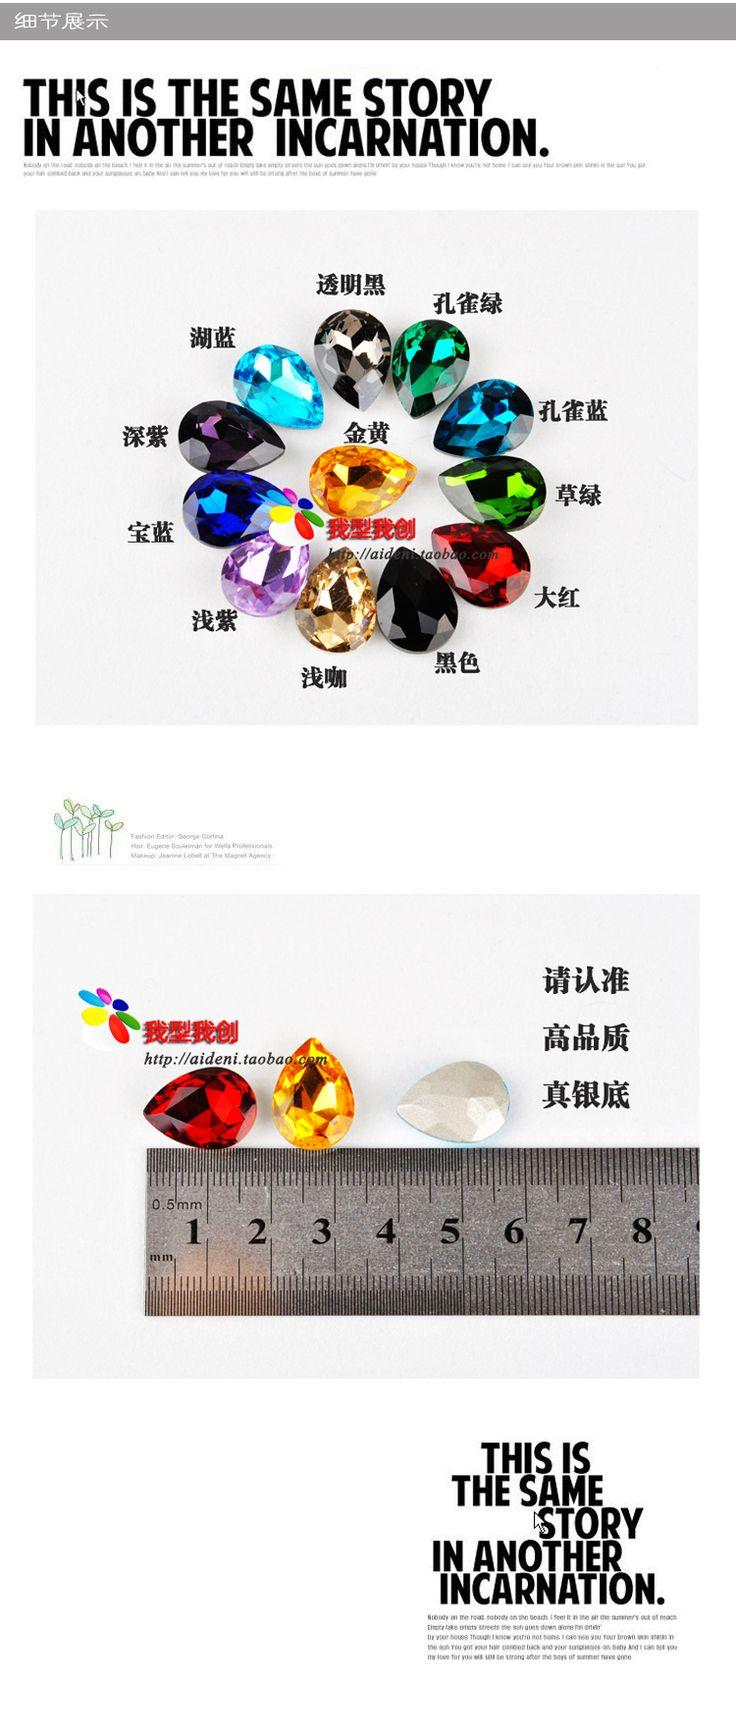 Ткань шокирующие новые техногенные особенности хрустальные стразы Другие оптовые DIY аксессуары ювелирные изделия - глобальная станция Taobao